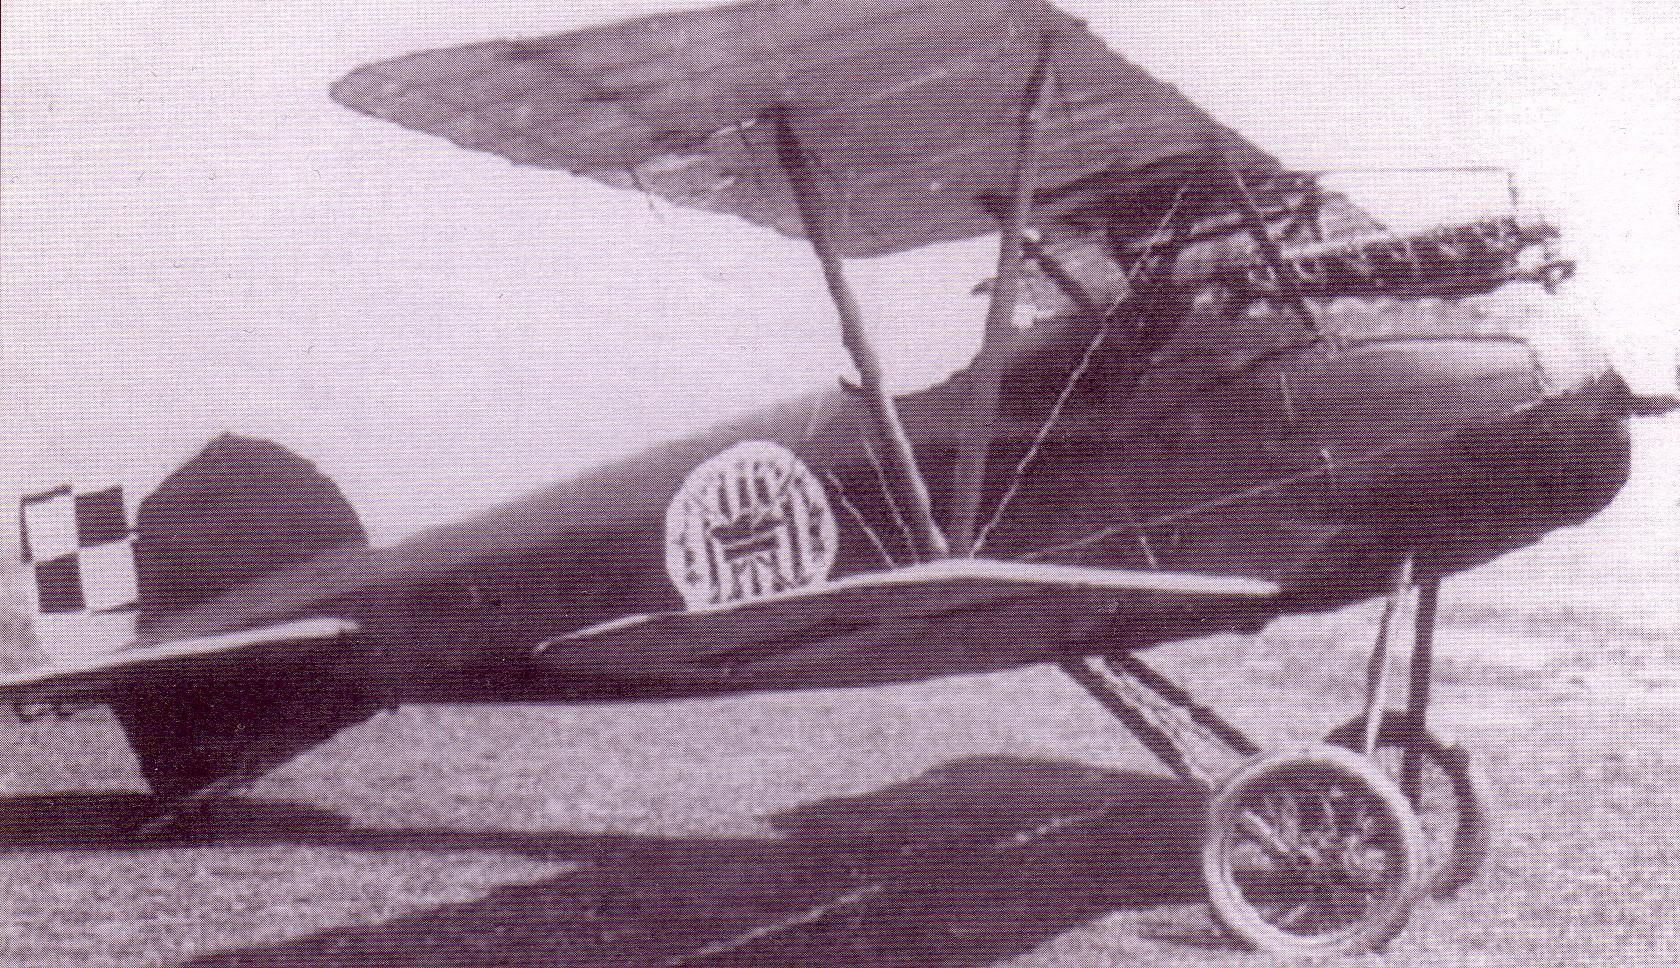 Oeffag D.III z 7.Eskadry Myśliwskiej